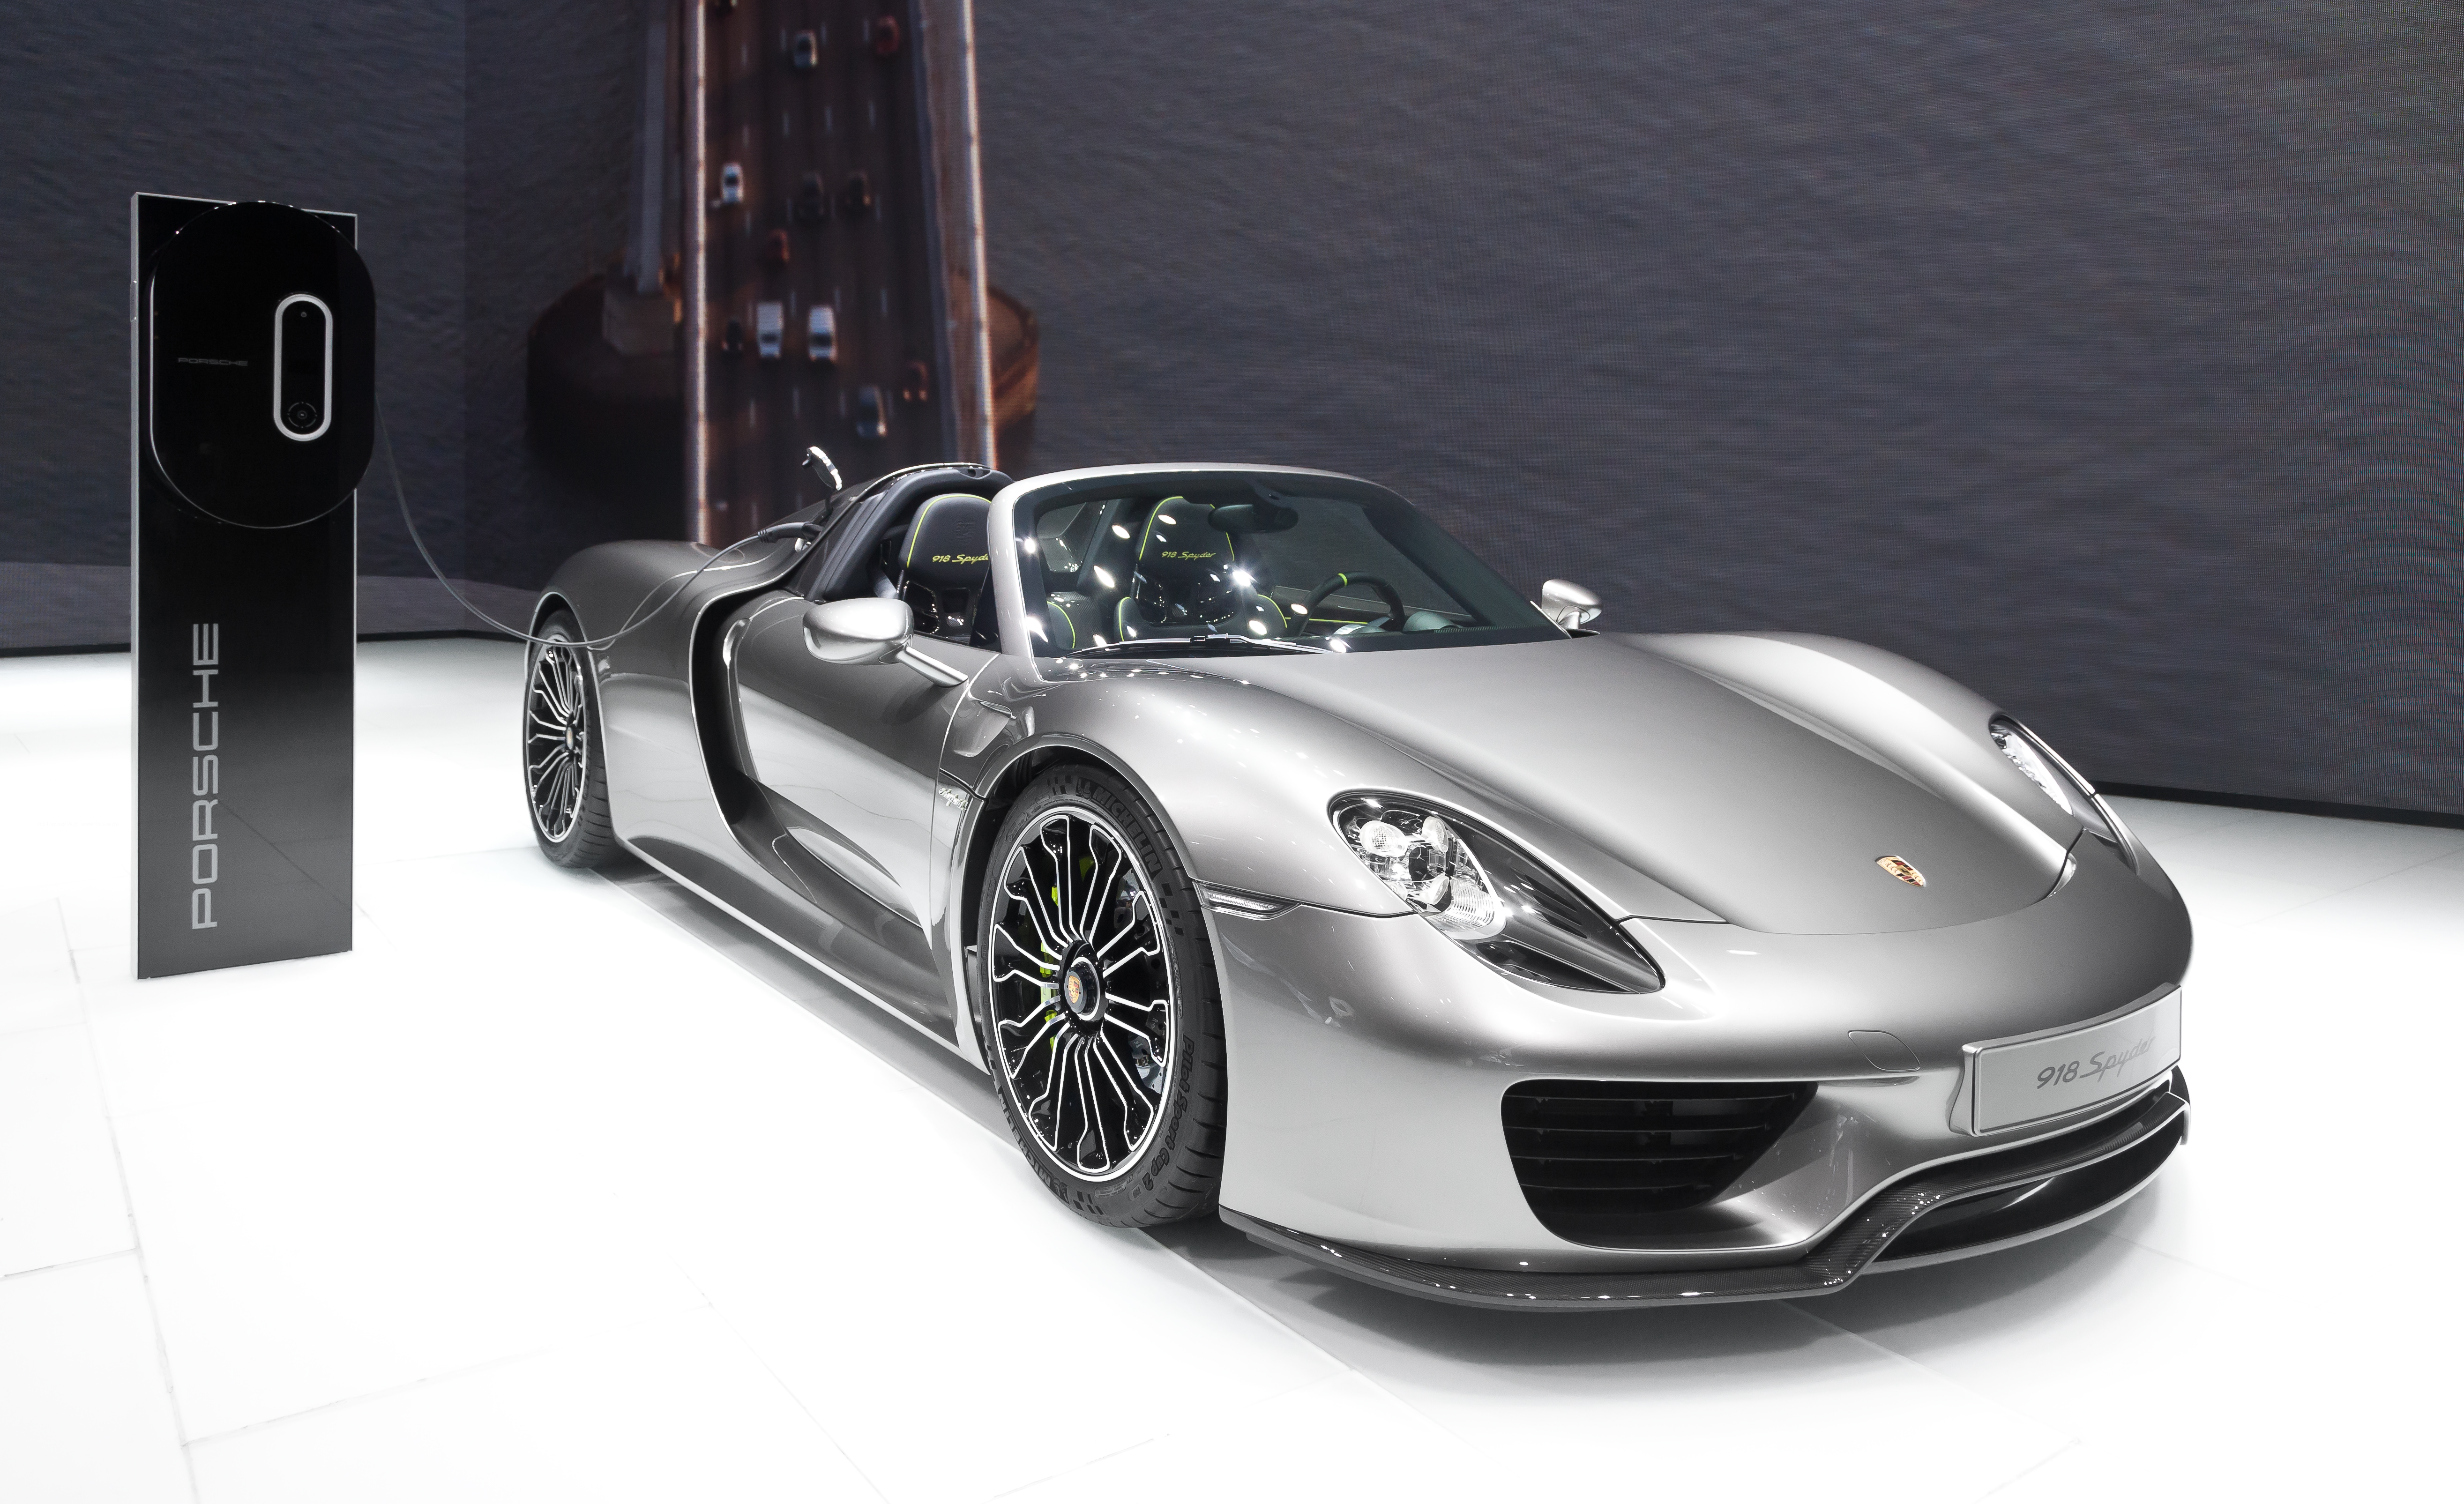 Porsche_918_Spyder_IAA_2013 Stunning Ficha Tecnica Porsche 918 Spyder Concept Cars Trend